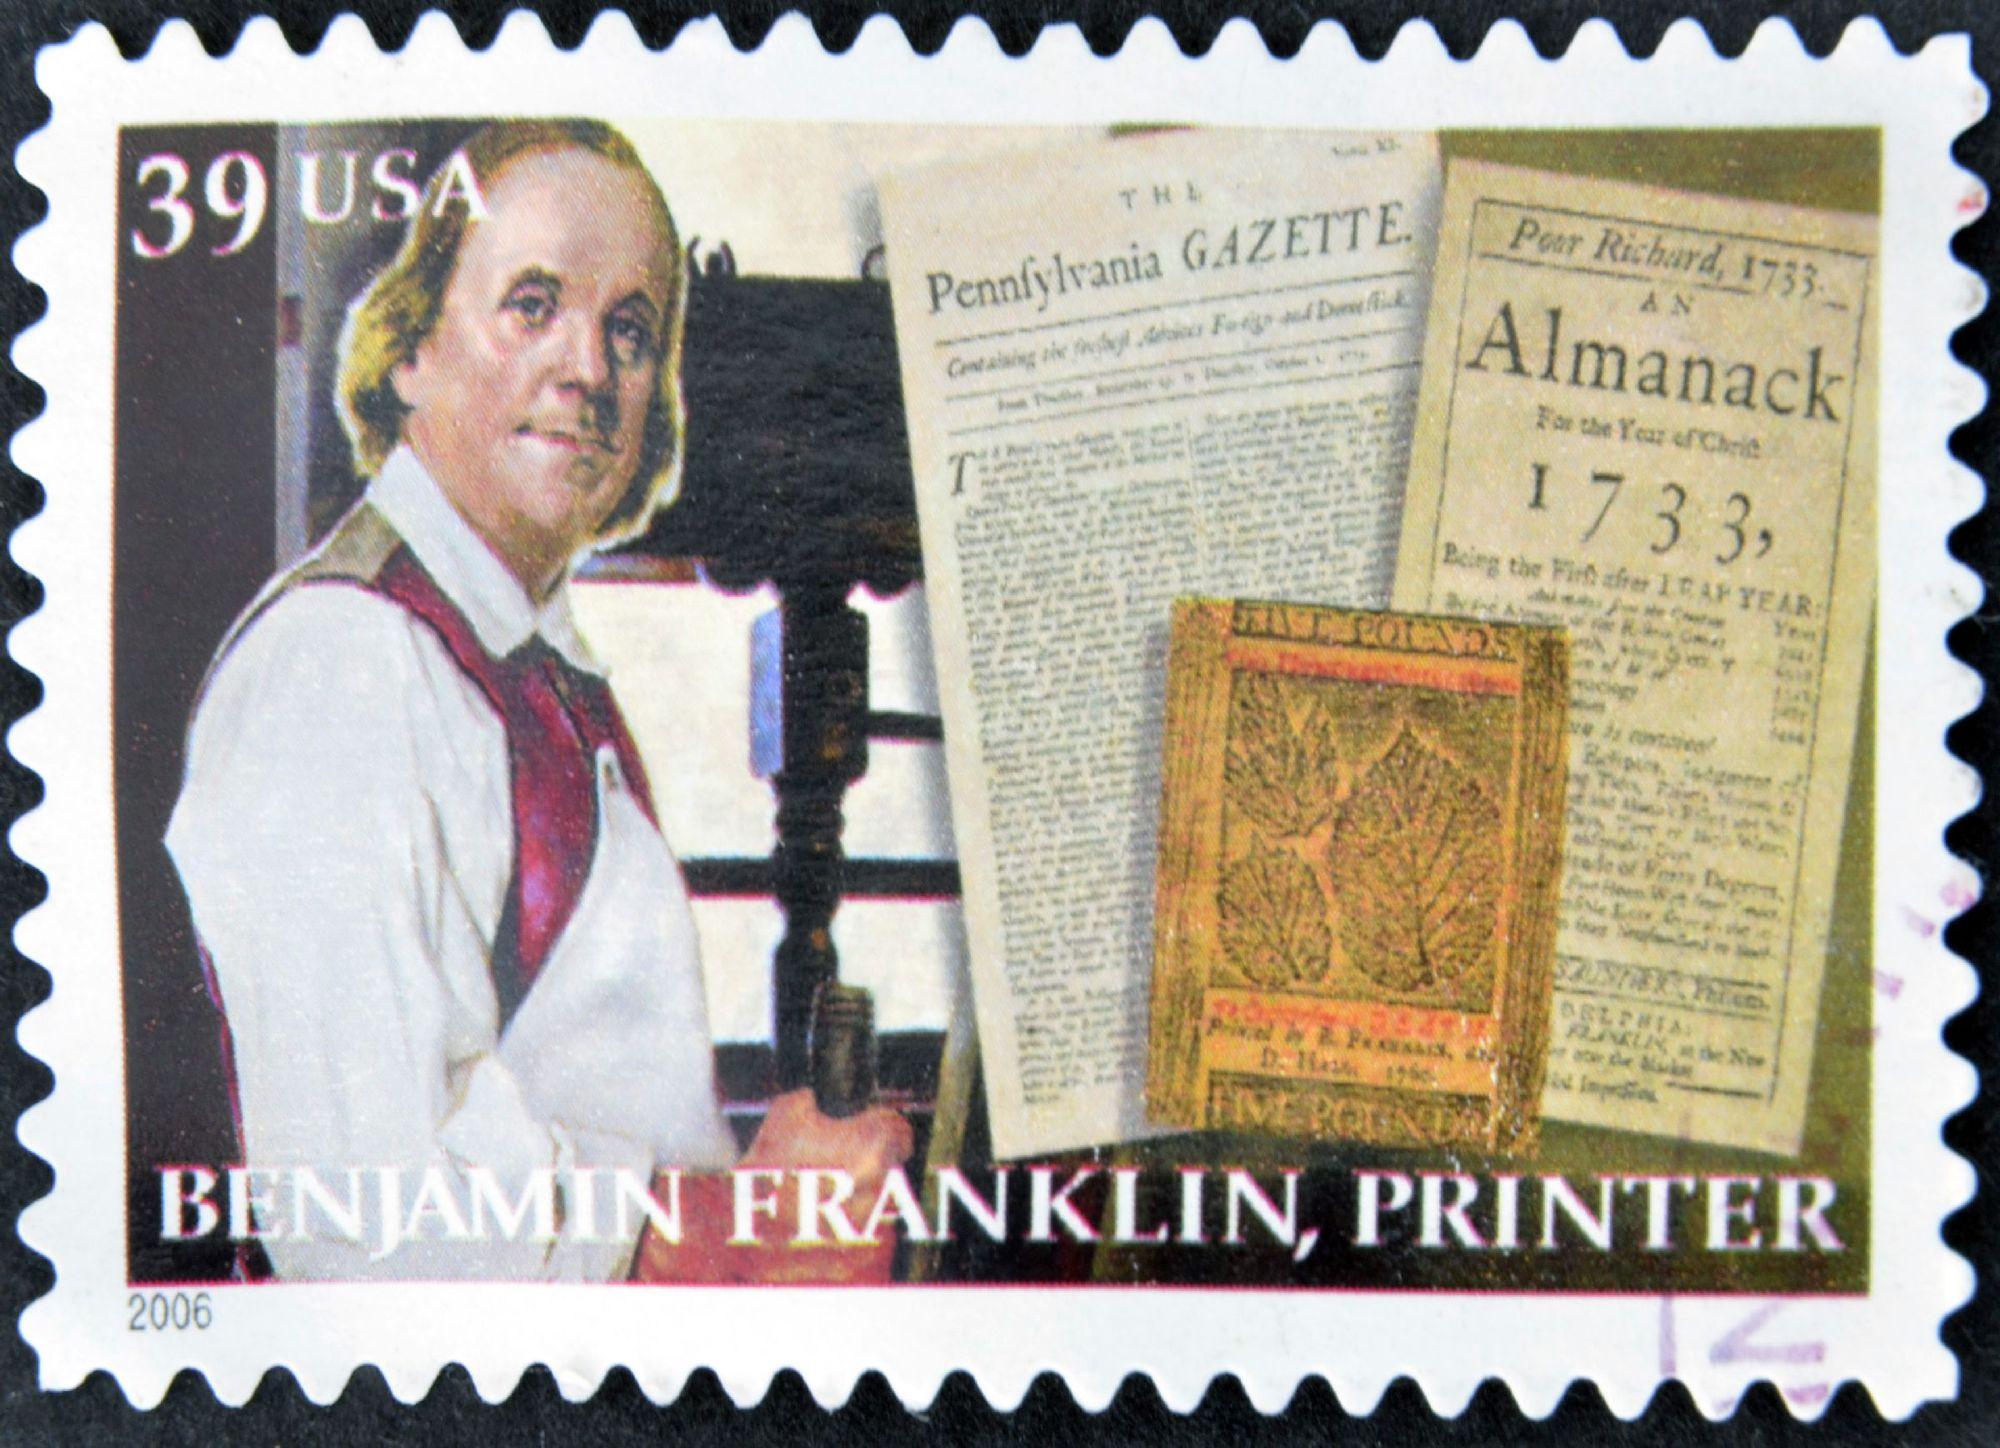 Benjamin Franklin, Printer